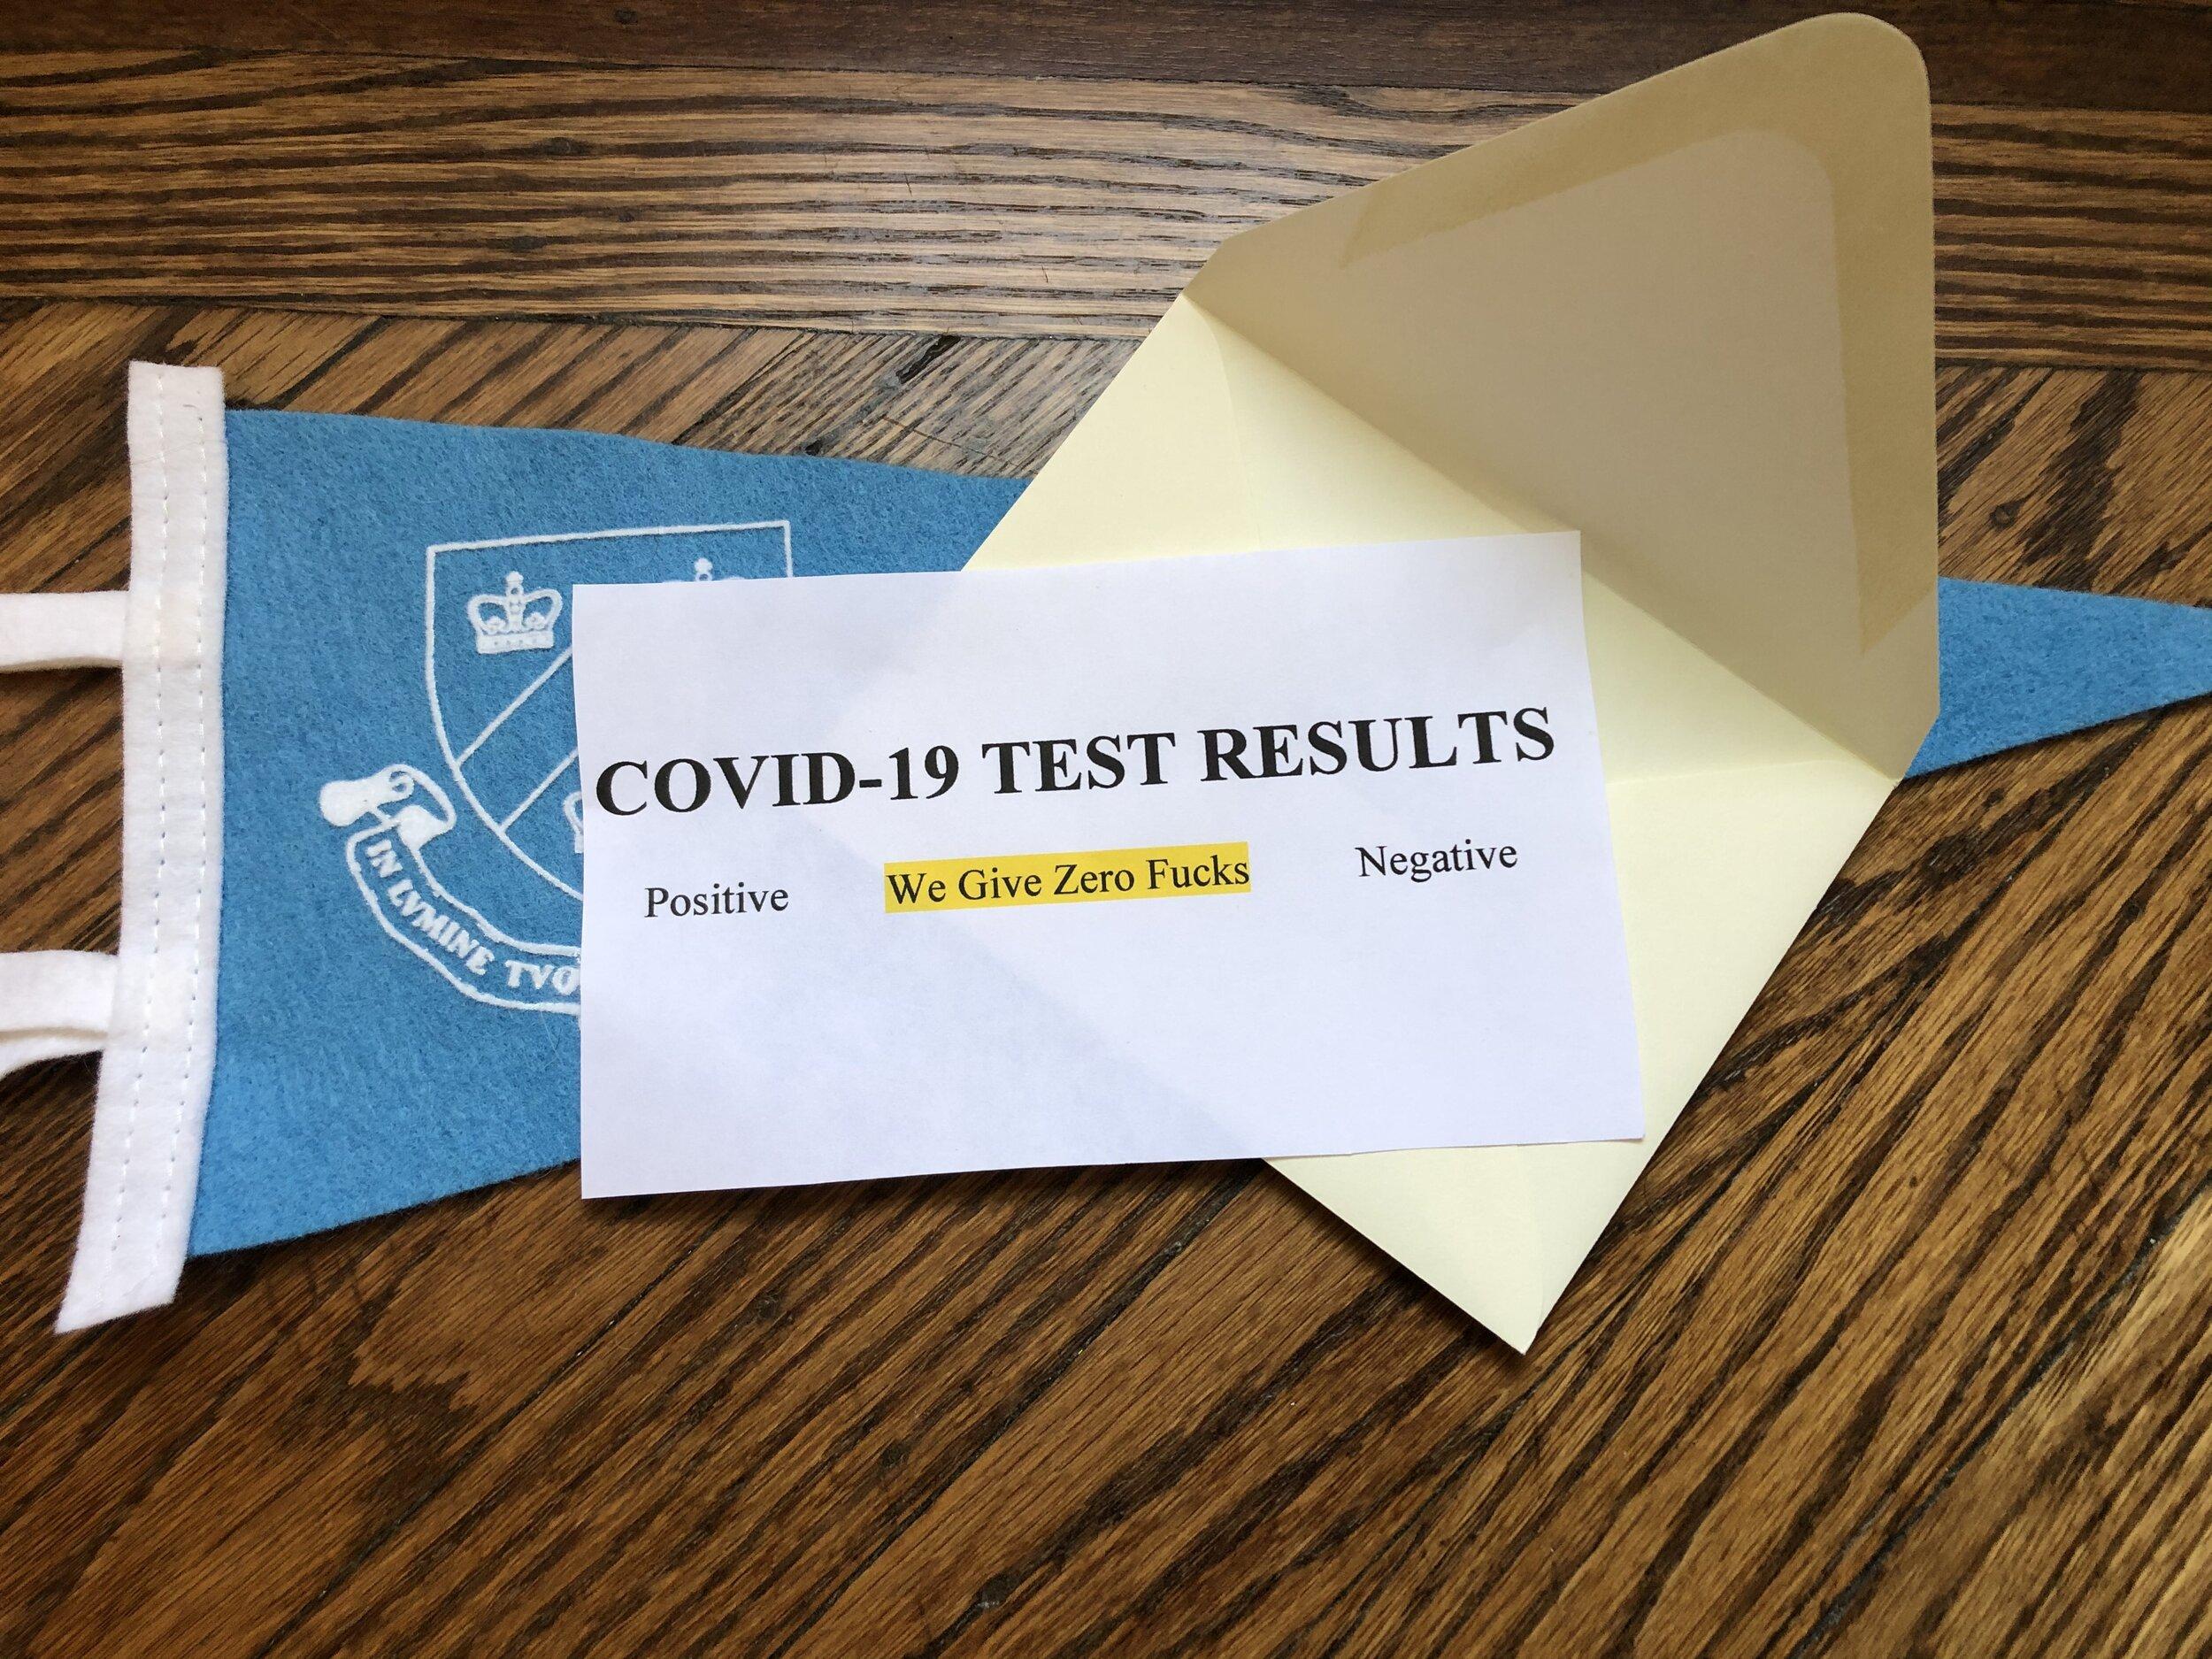 Columbia Denies Barnard Students Testing, Citing Shortage of Fucks to Give